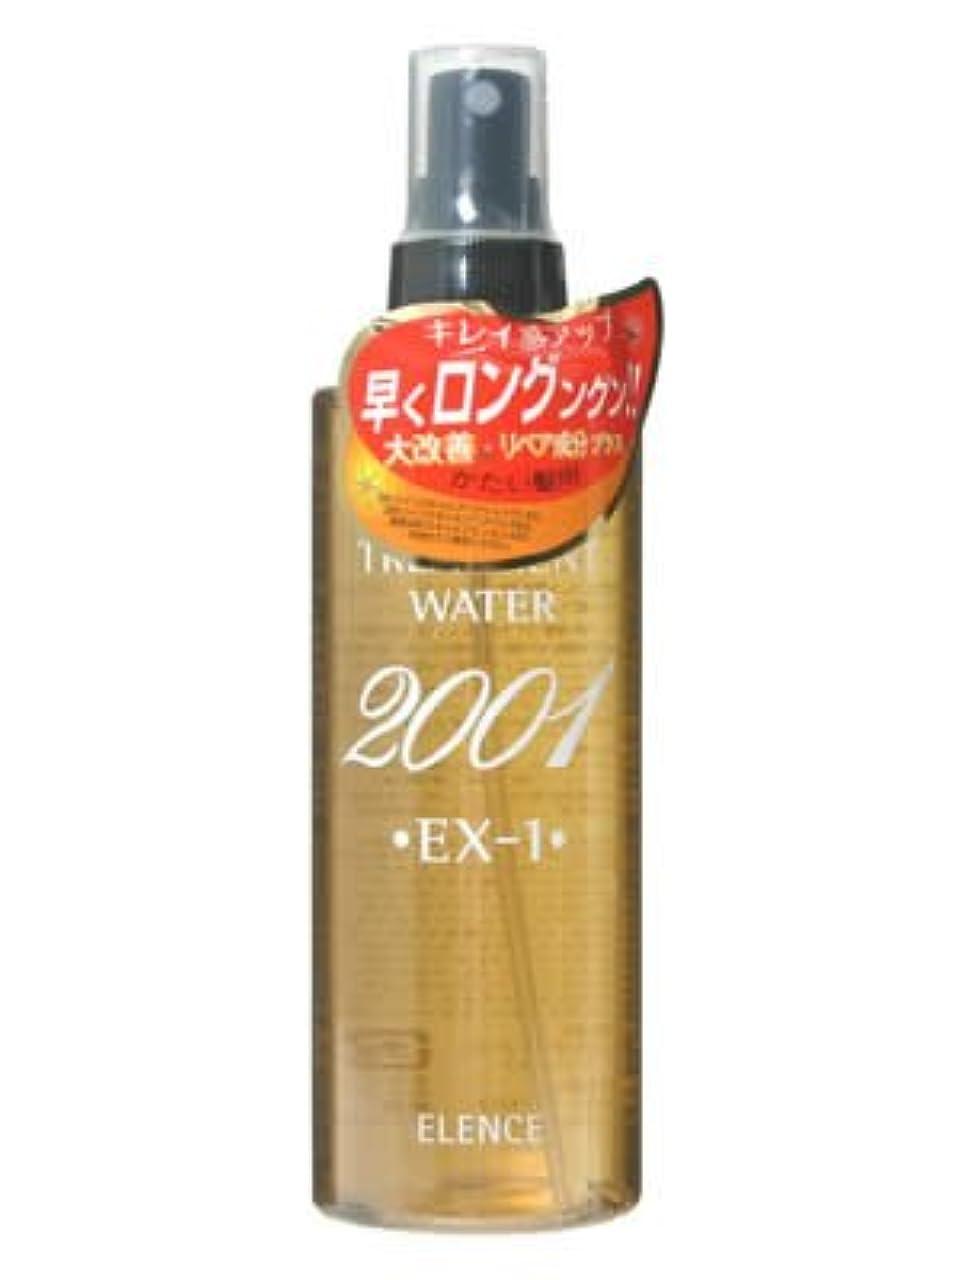 消防士習慣弁護人エレンス2001 スキャルプトリートメントウォーターEX-1(かたい髪用)